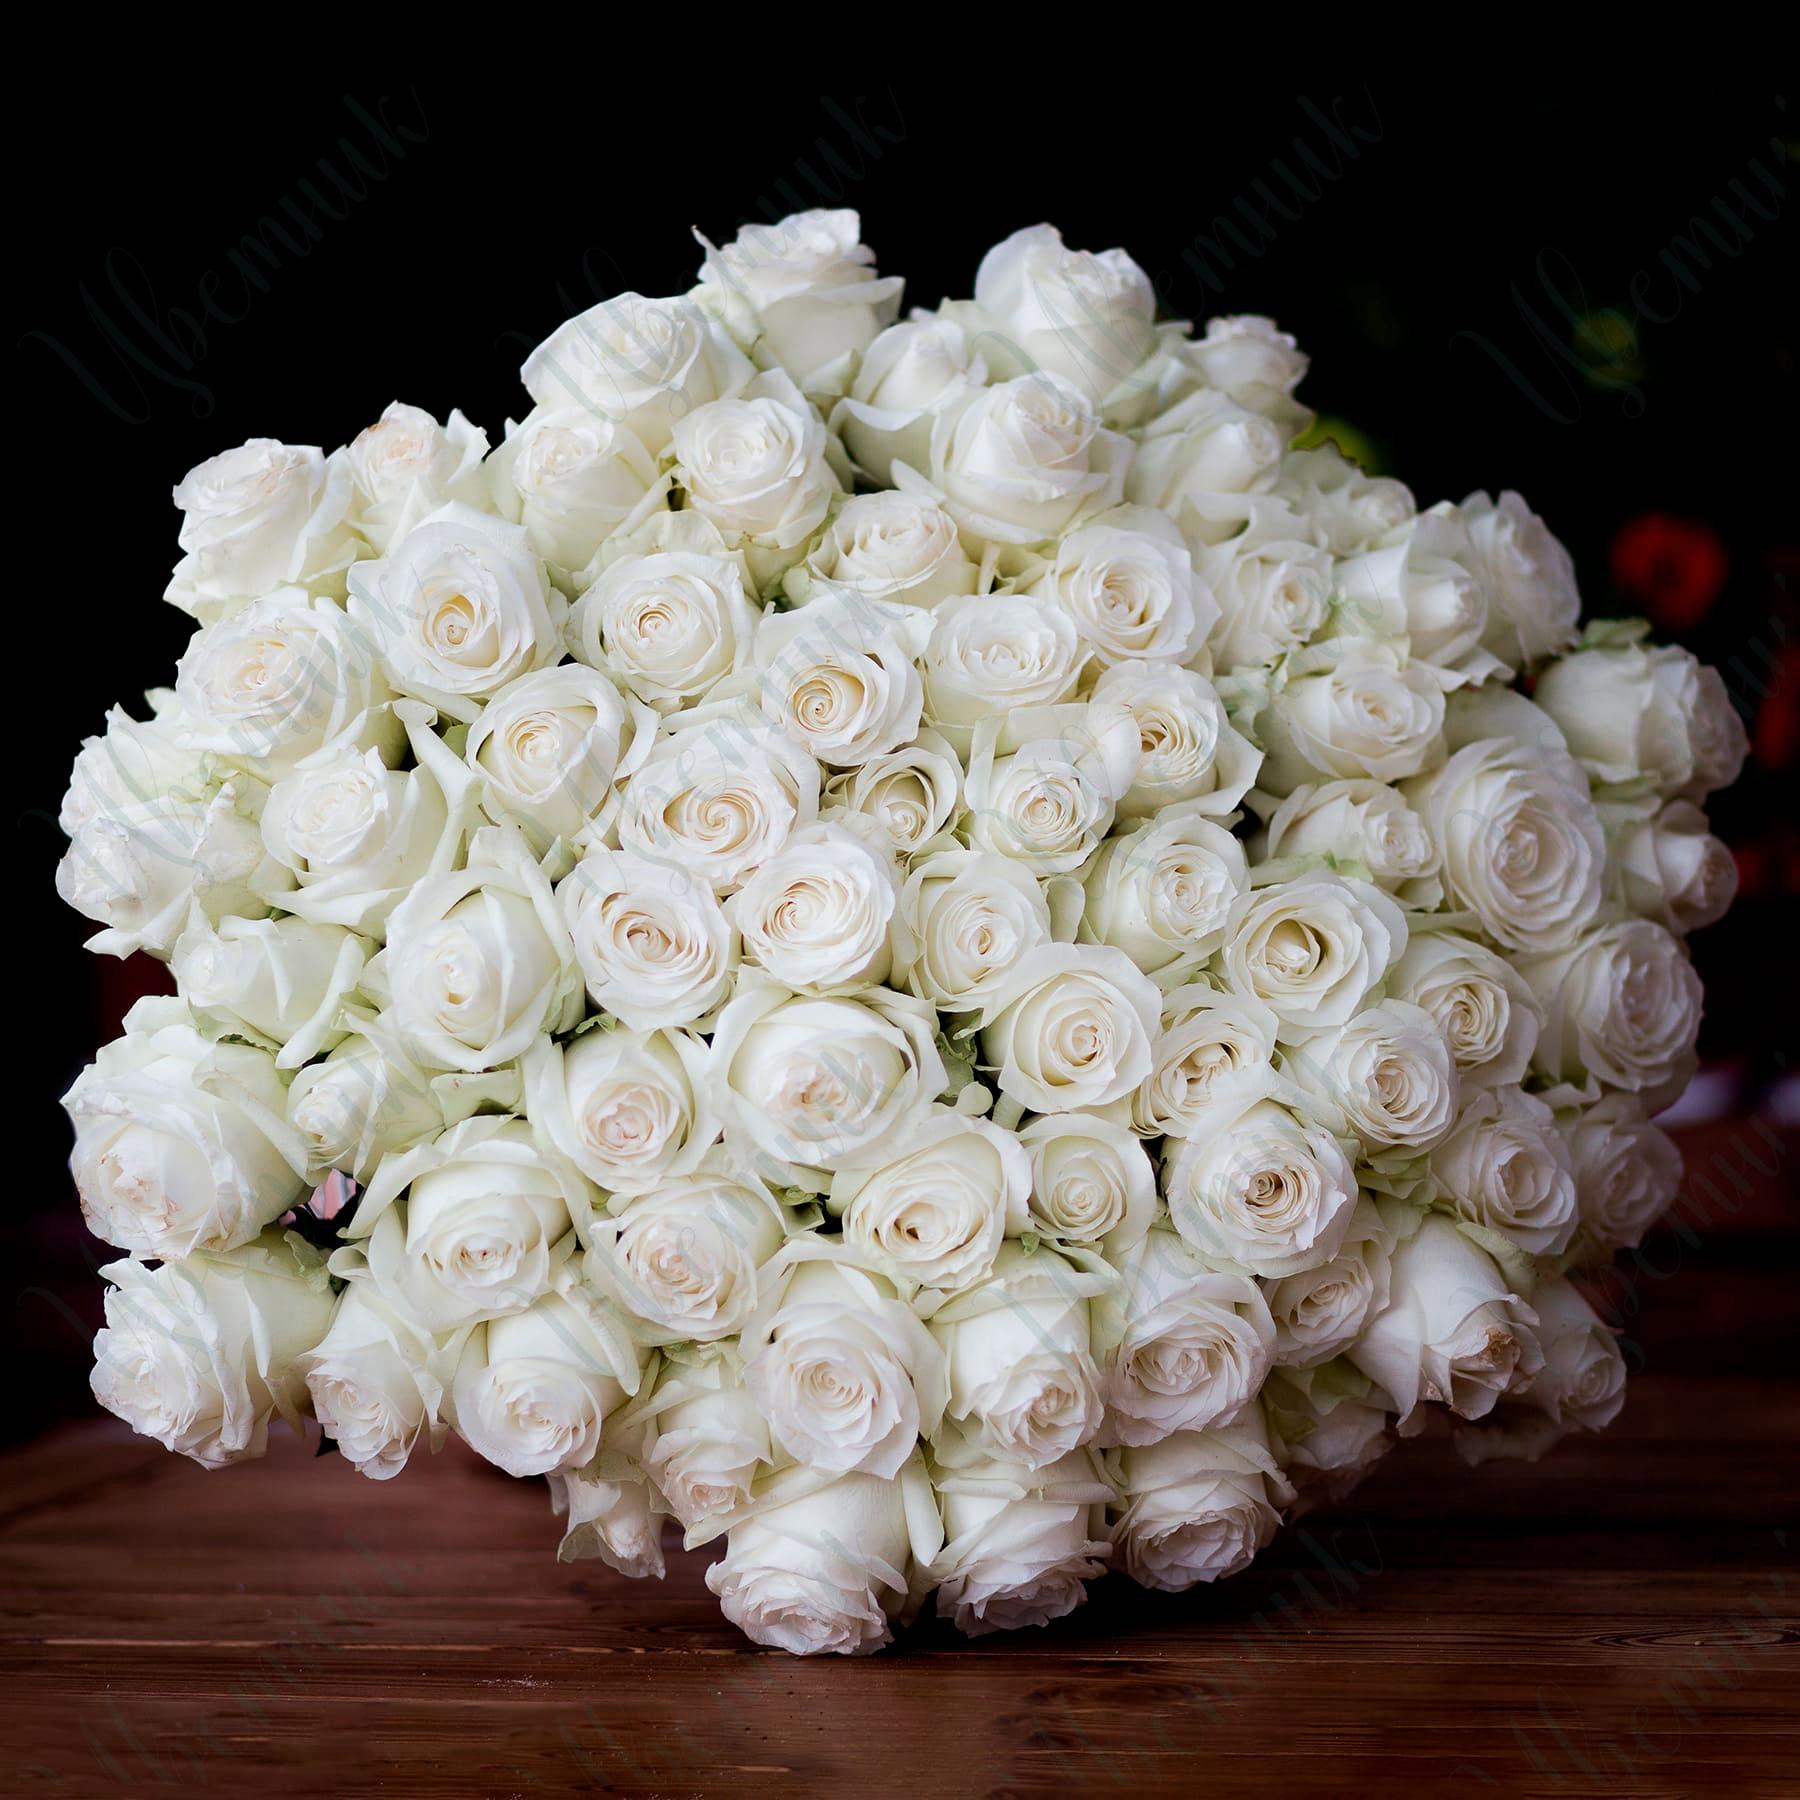 Роскошный букет белых роз